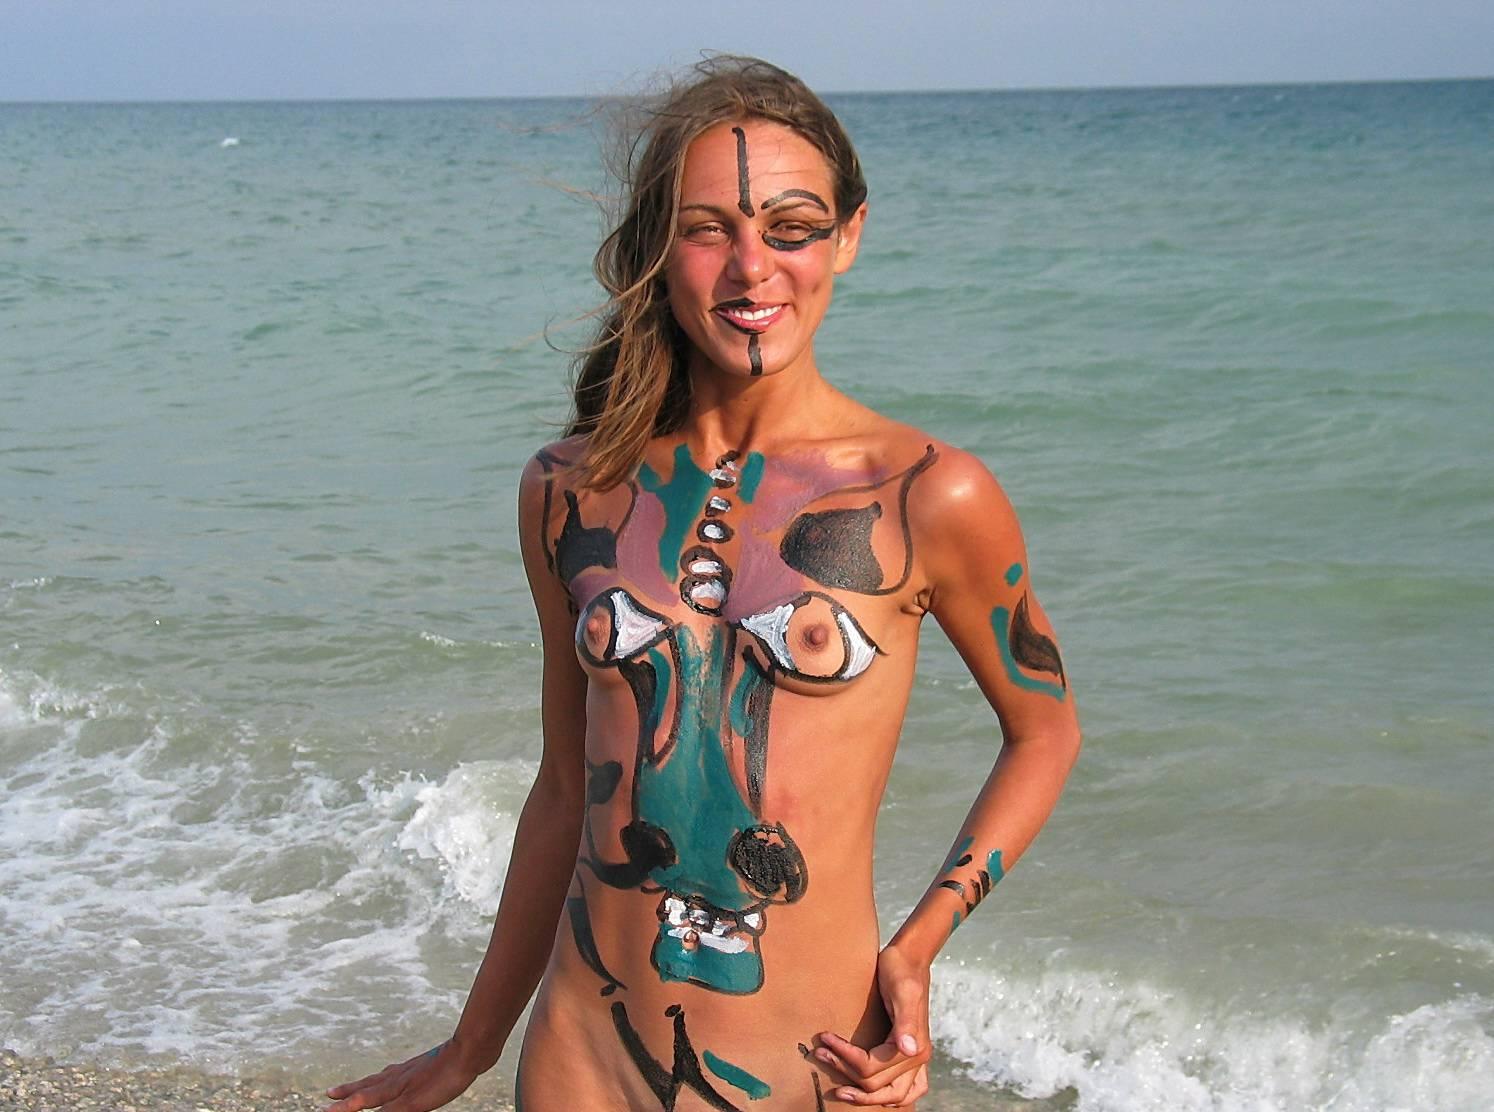 Seaside Soothing Violinist - 1